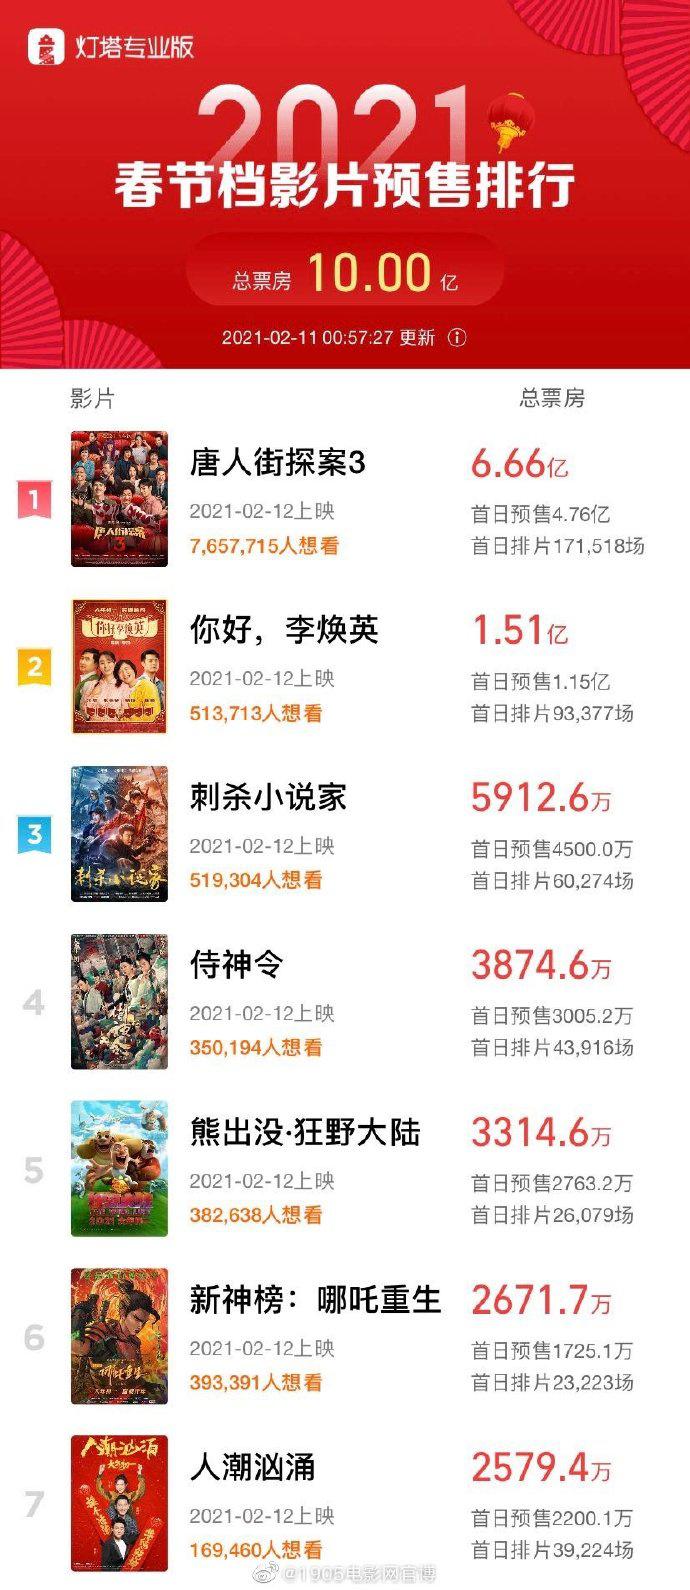 春节档预售票房破10亿 《唐人街探案3》位列第一